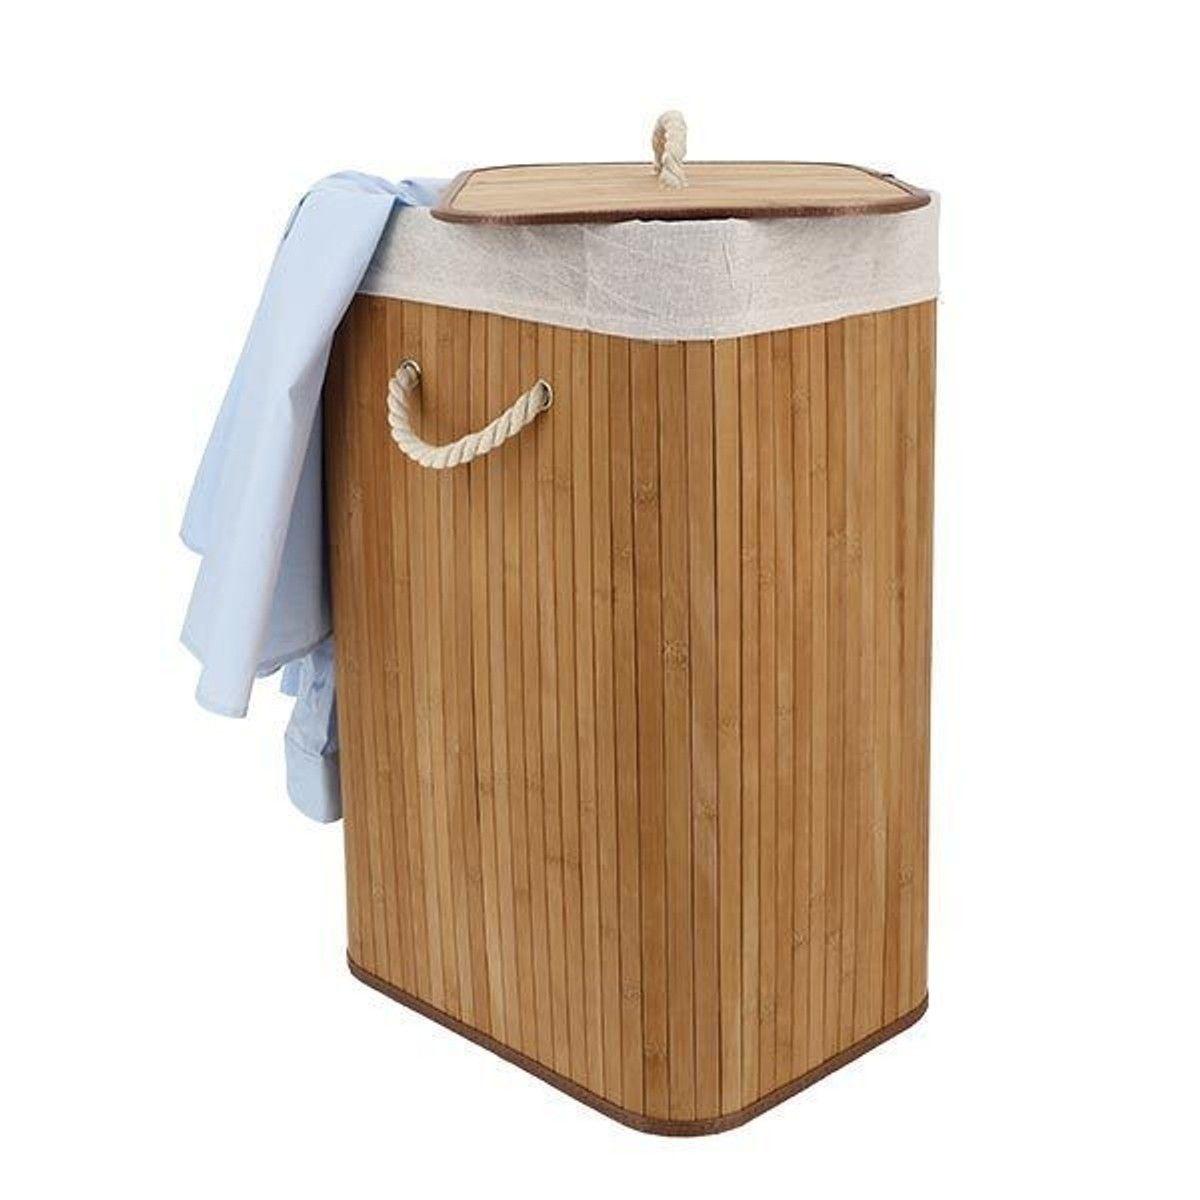 Panier À Linge Original panier À linge « bambou » rectangulaire - taille : taille